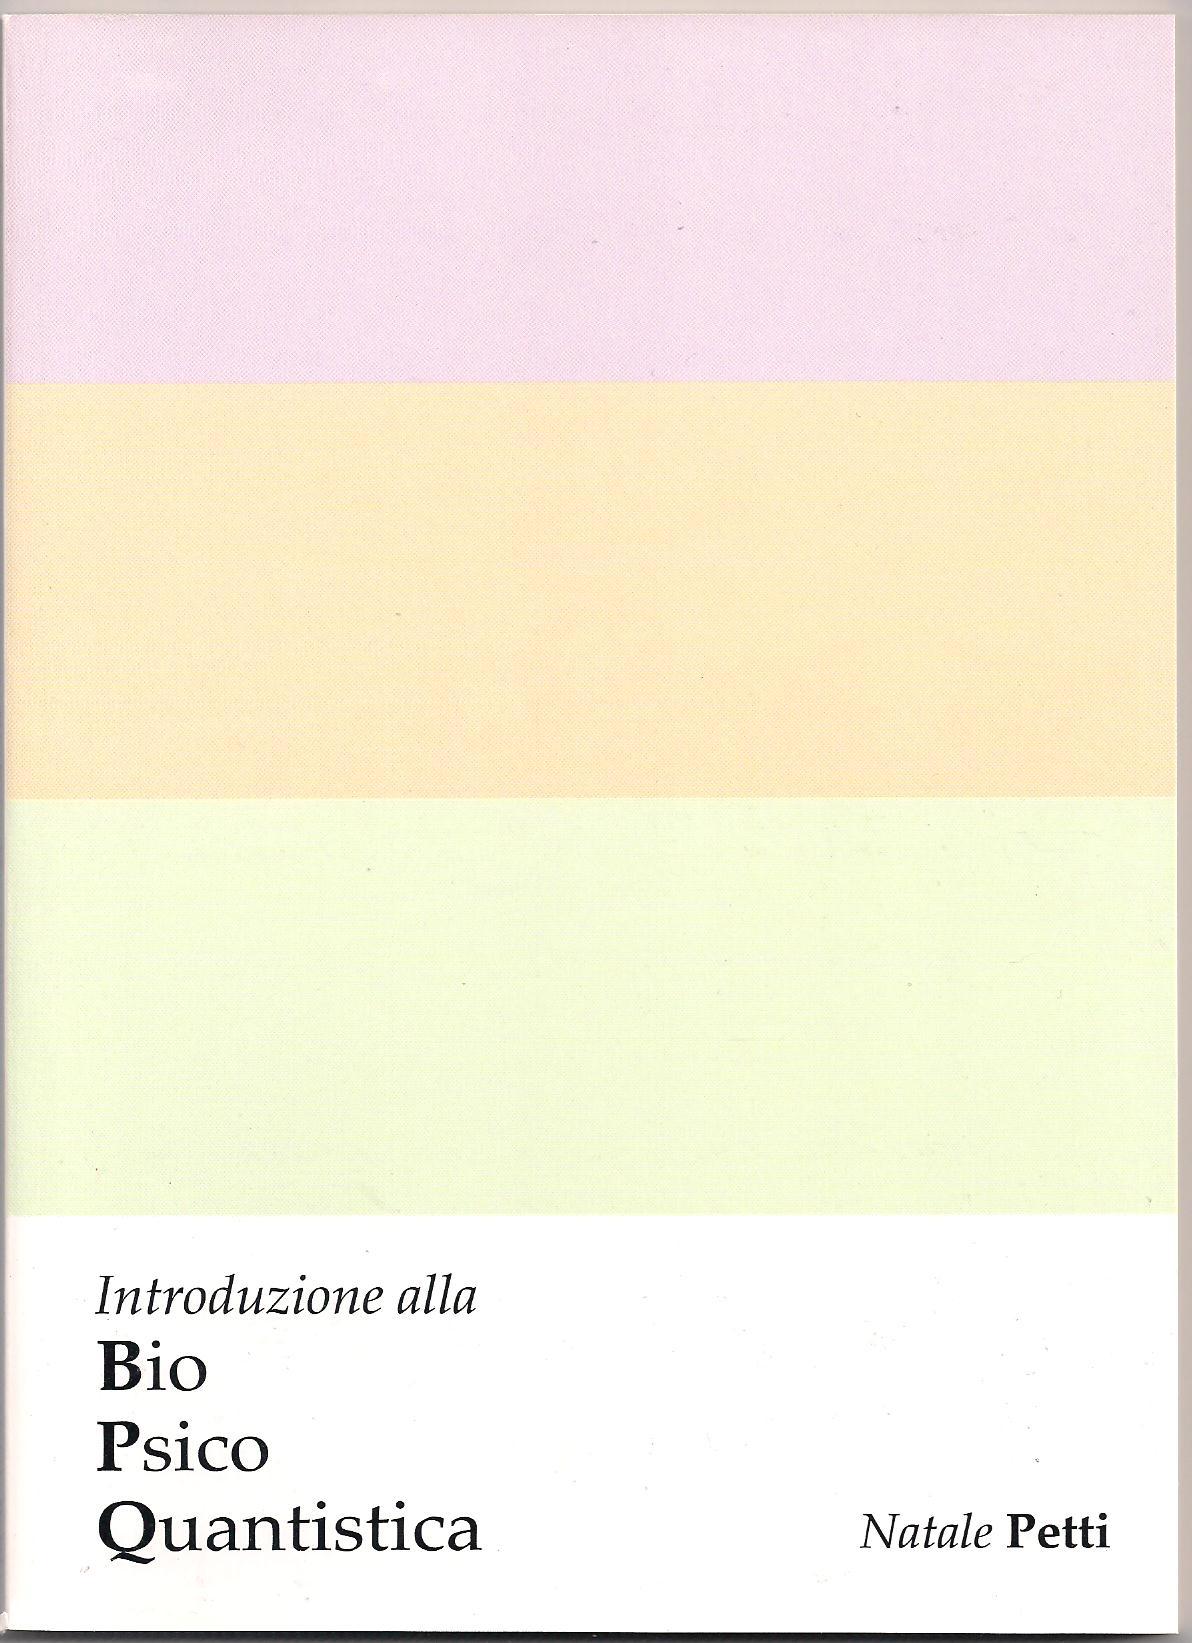 Copertina Libro 1 001